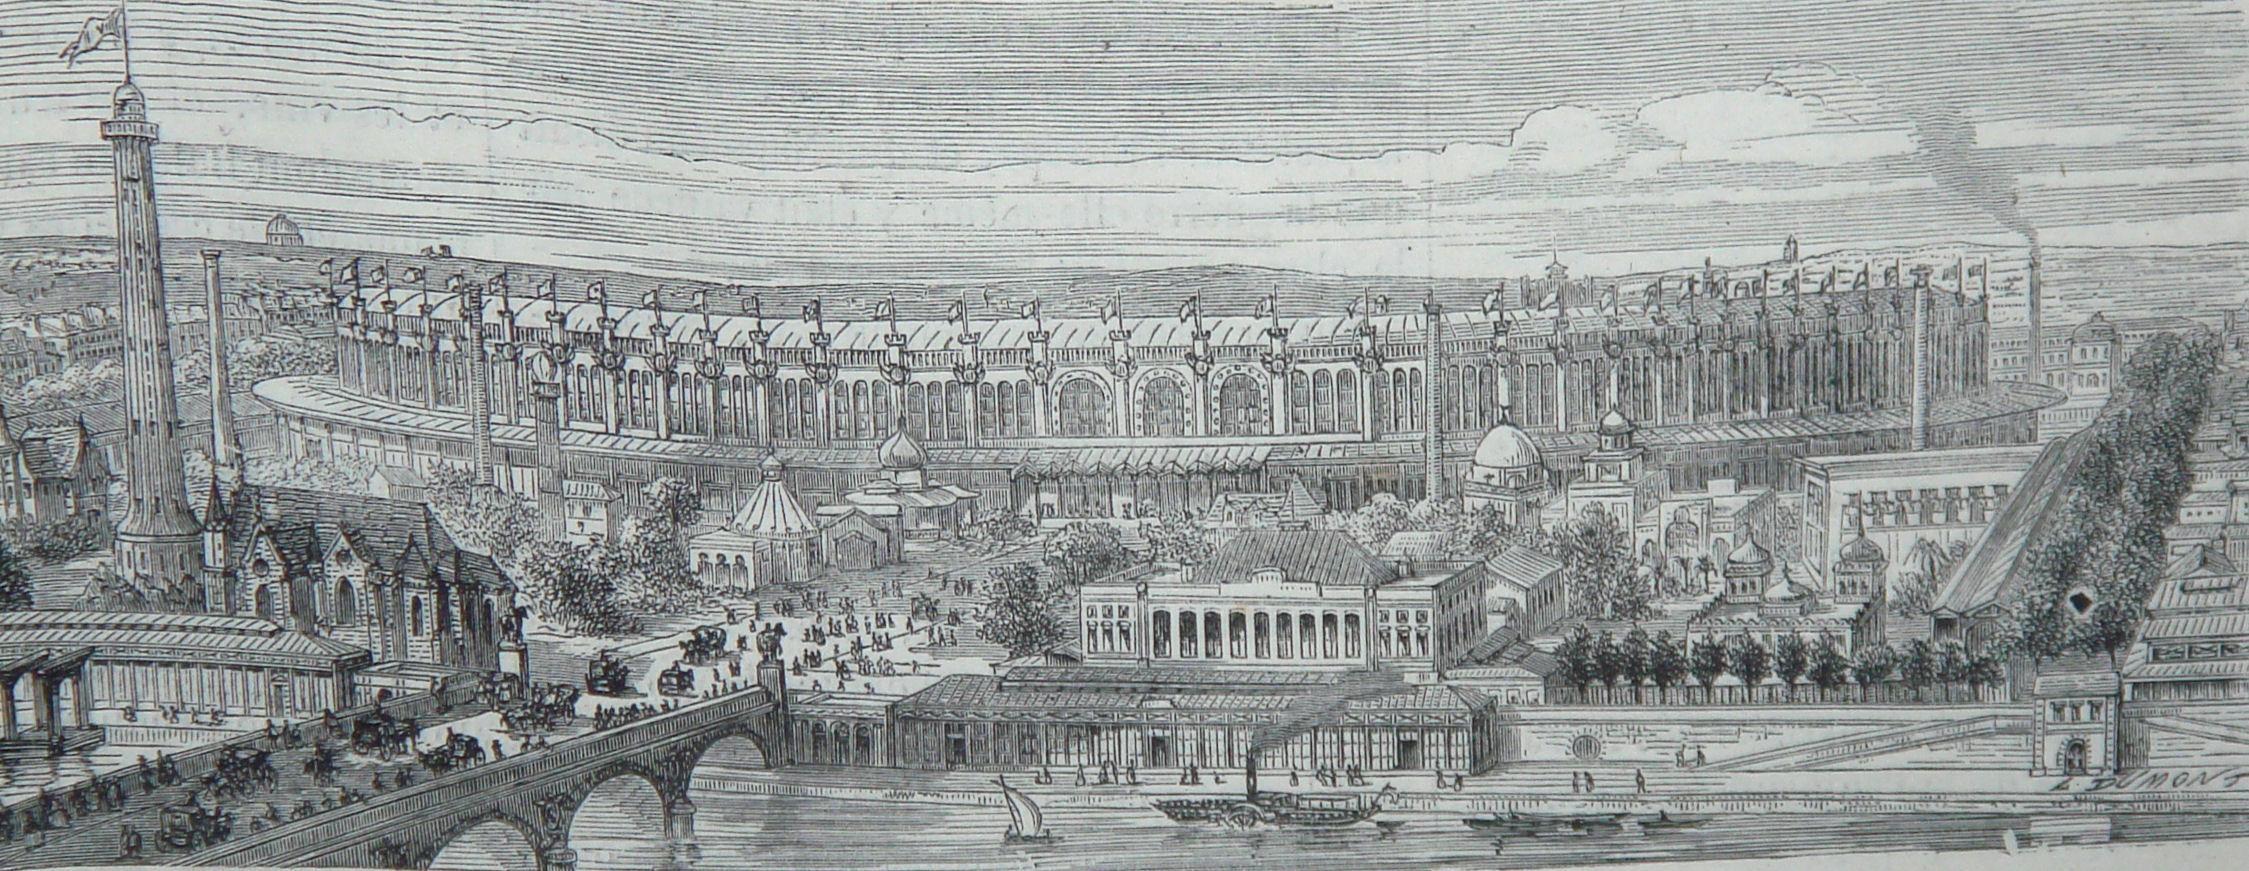 Exposition universelle de 1867 for Expo paris mars